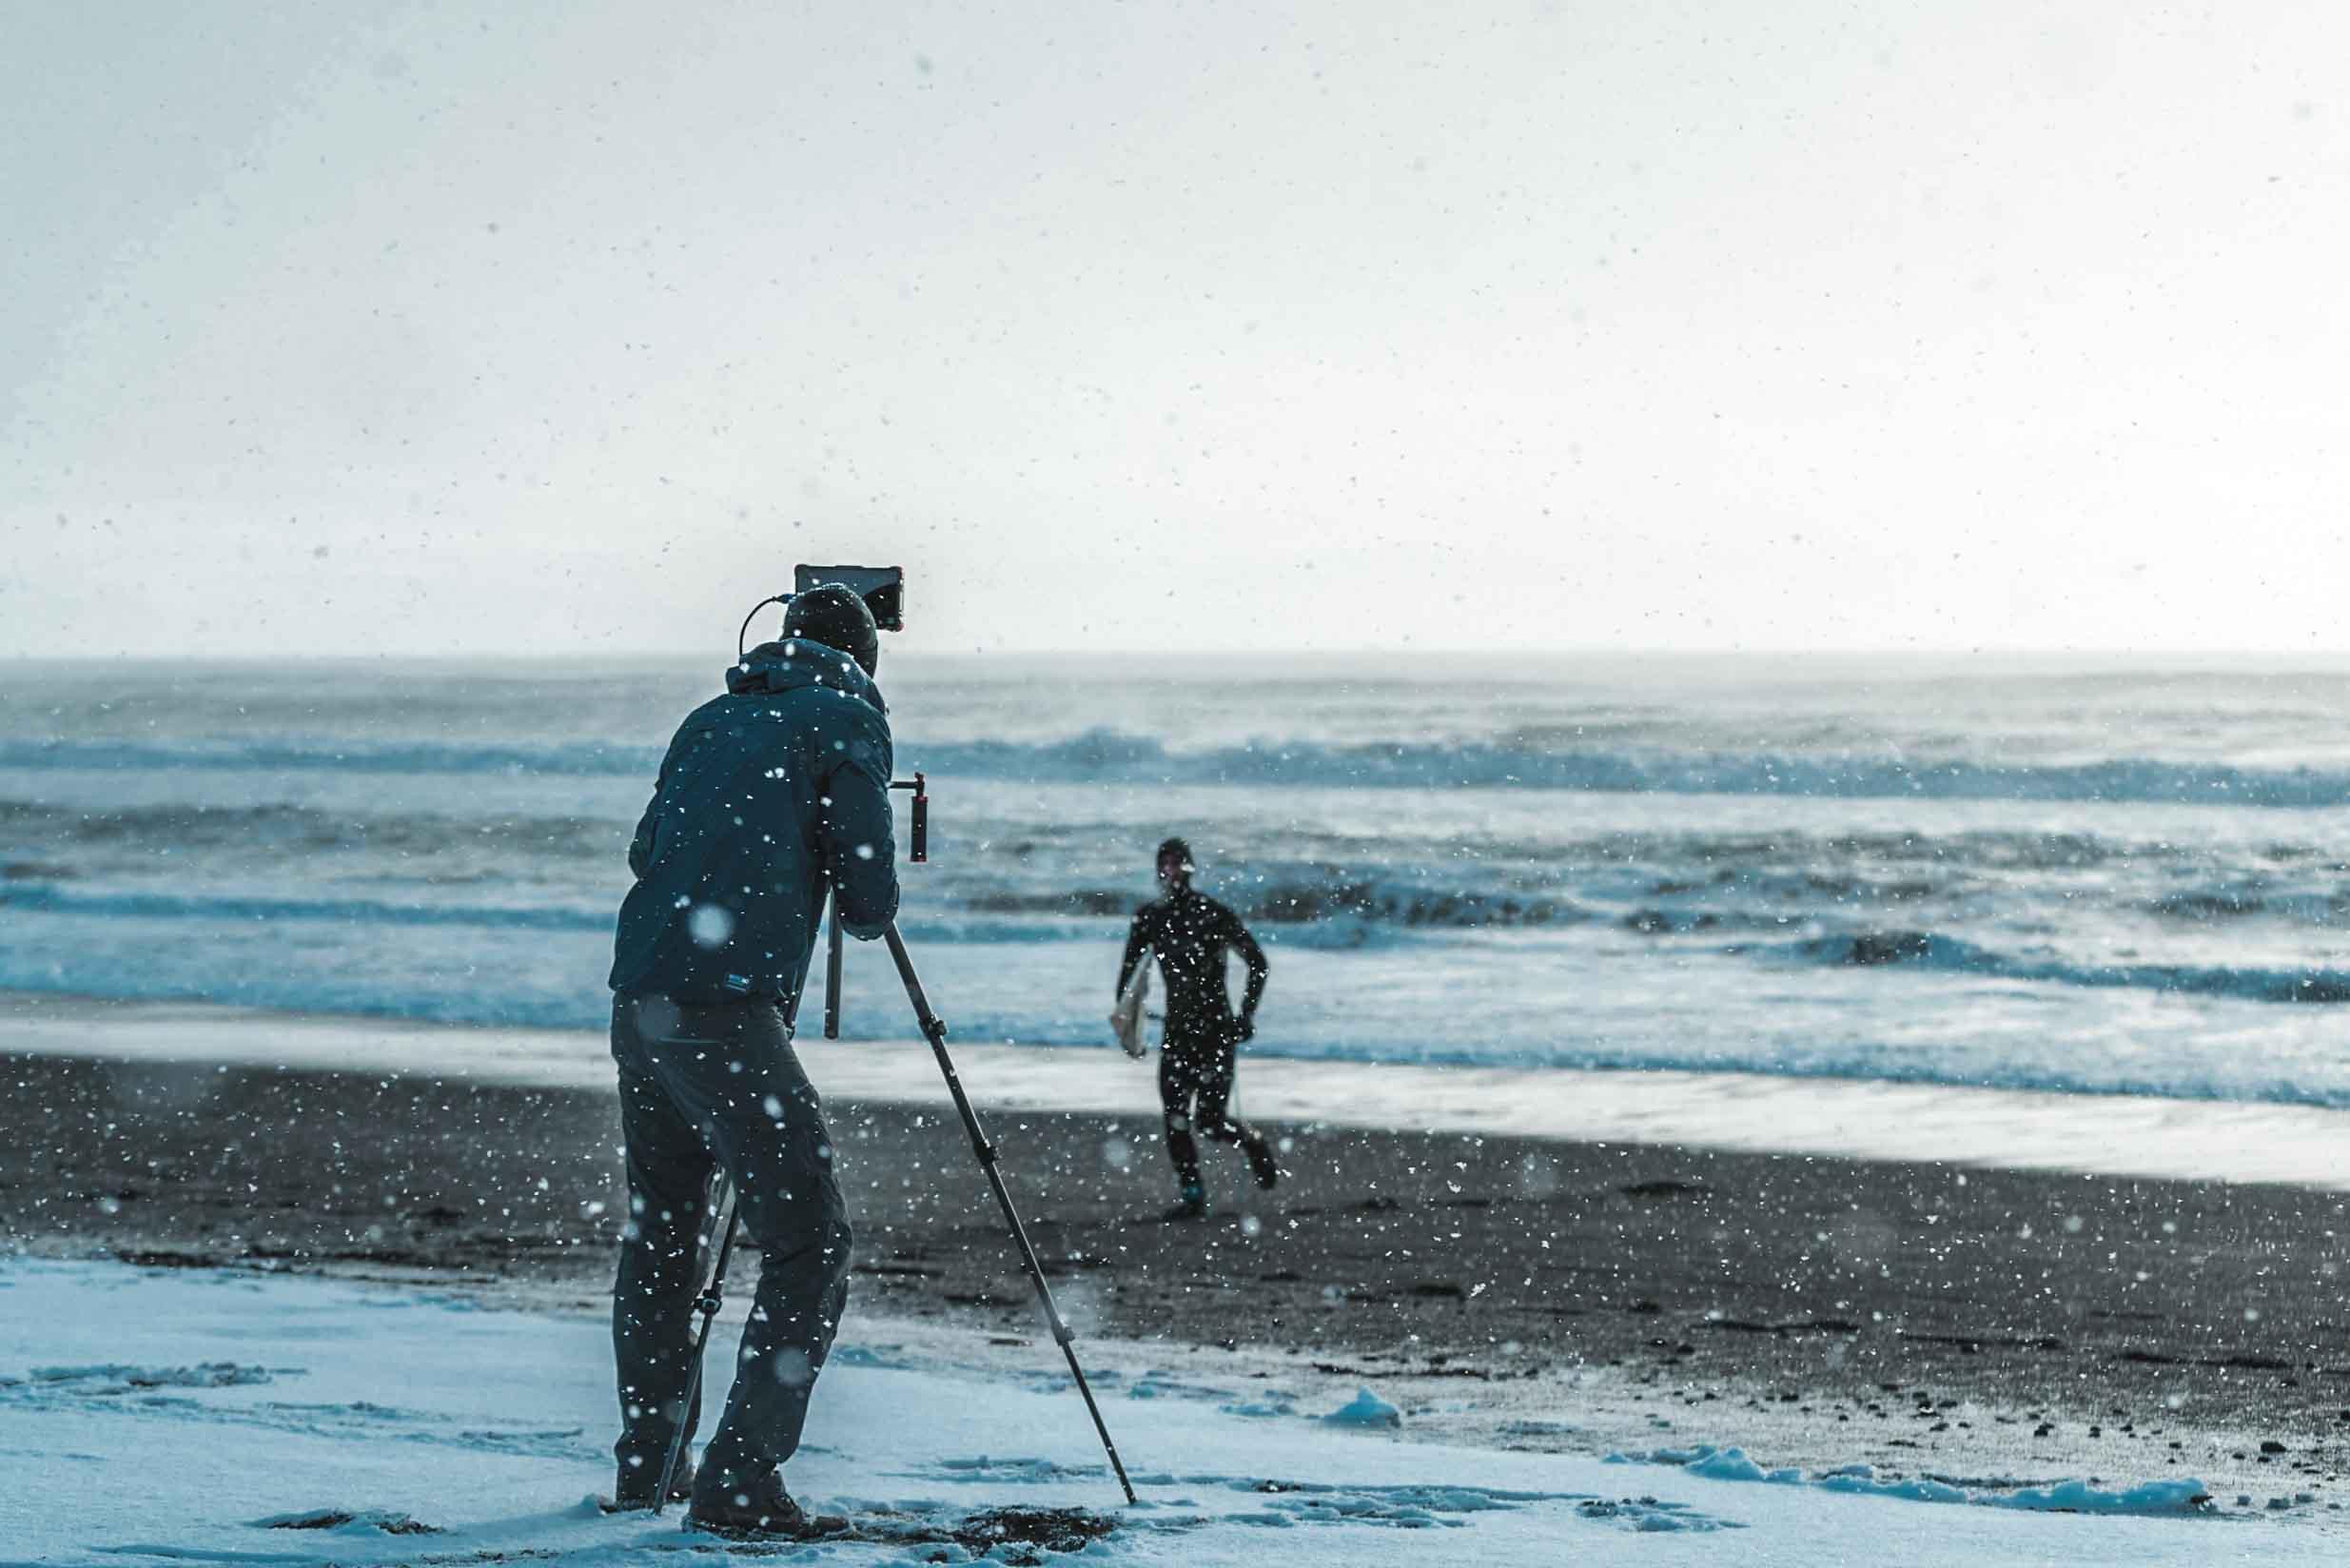 Island Surftrip Reisen Urlaub Wellenreiten4